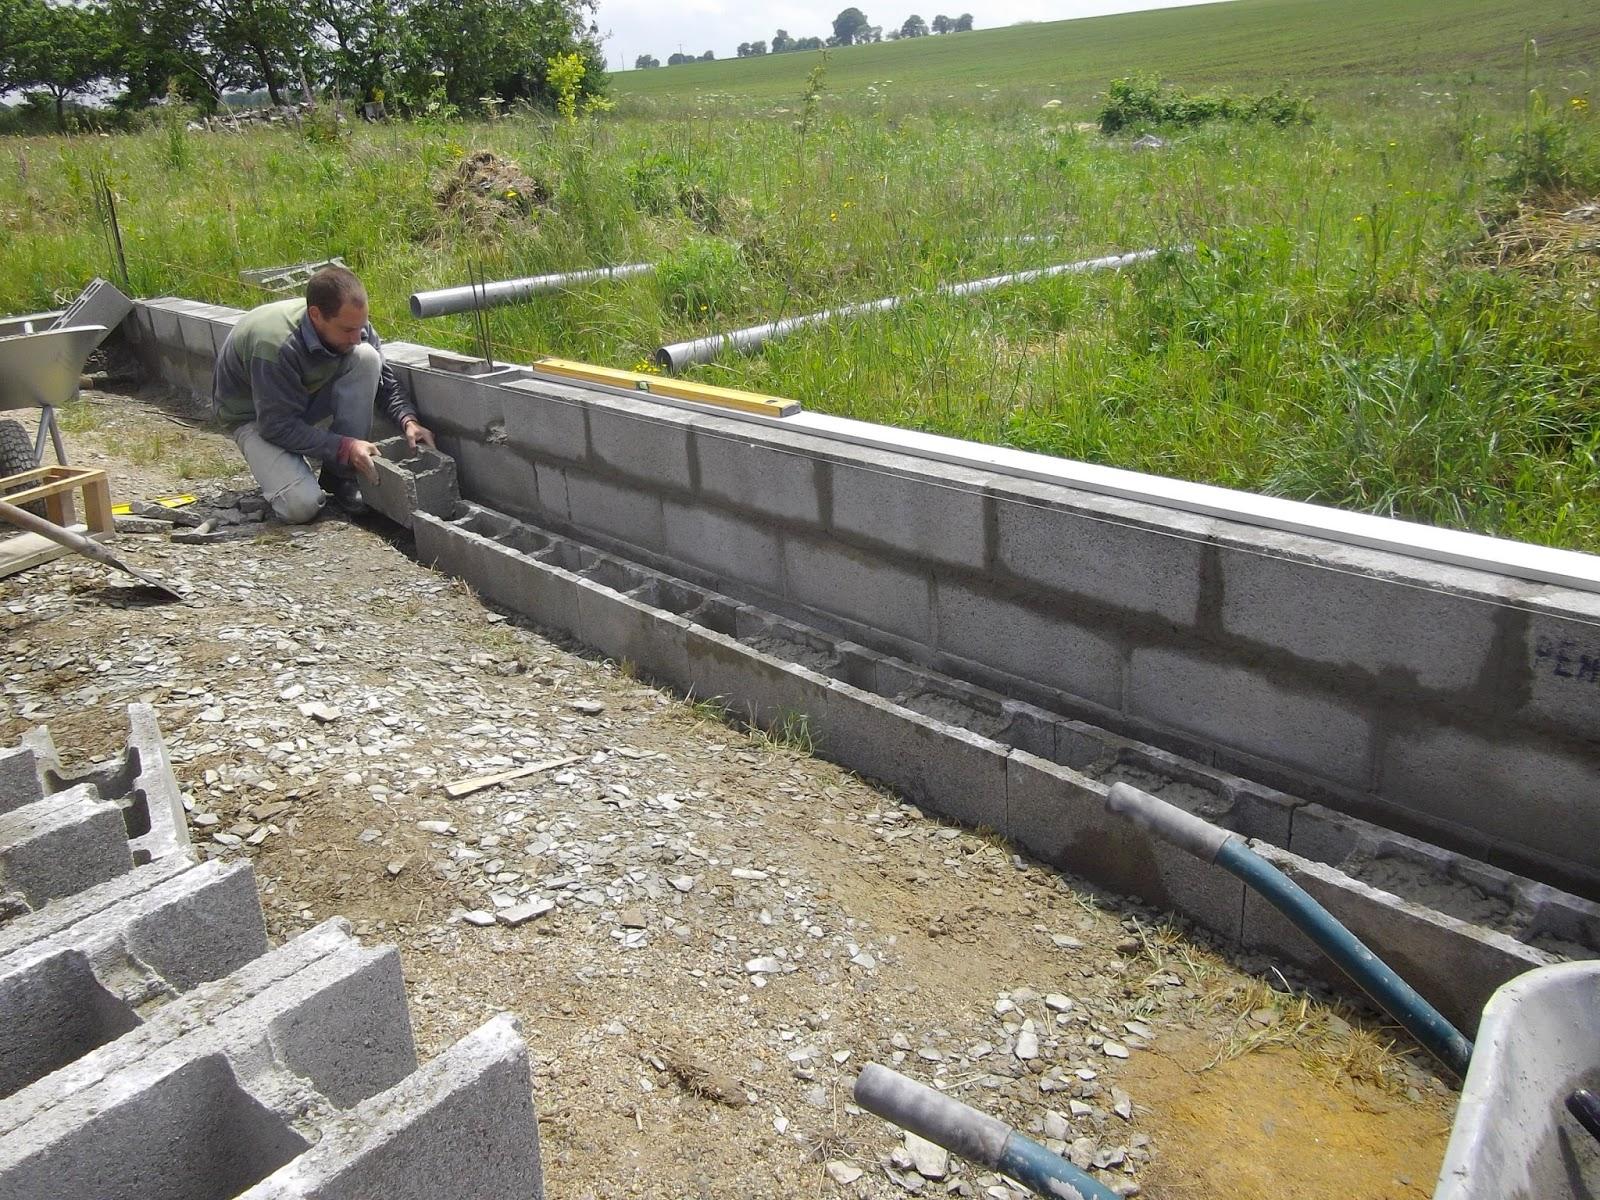 construction de notre maison en bois et paille les fondations 2. Black Bedroom Furniture Sets. Home Design Ideas